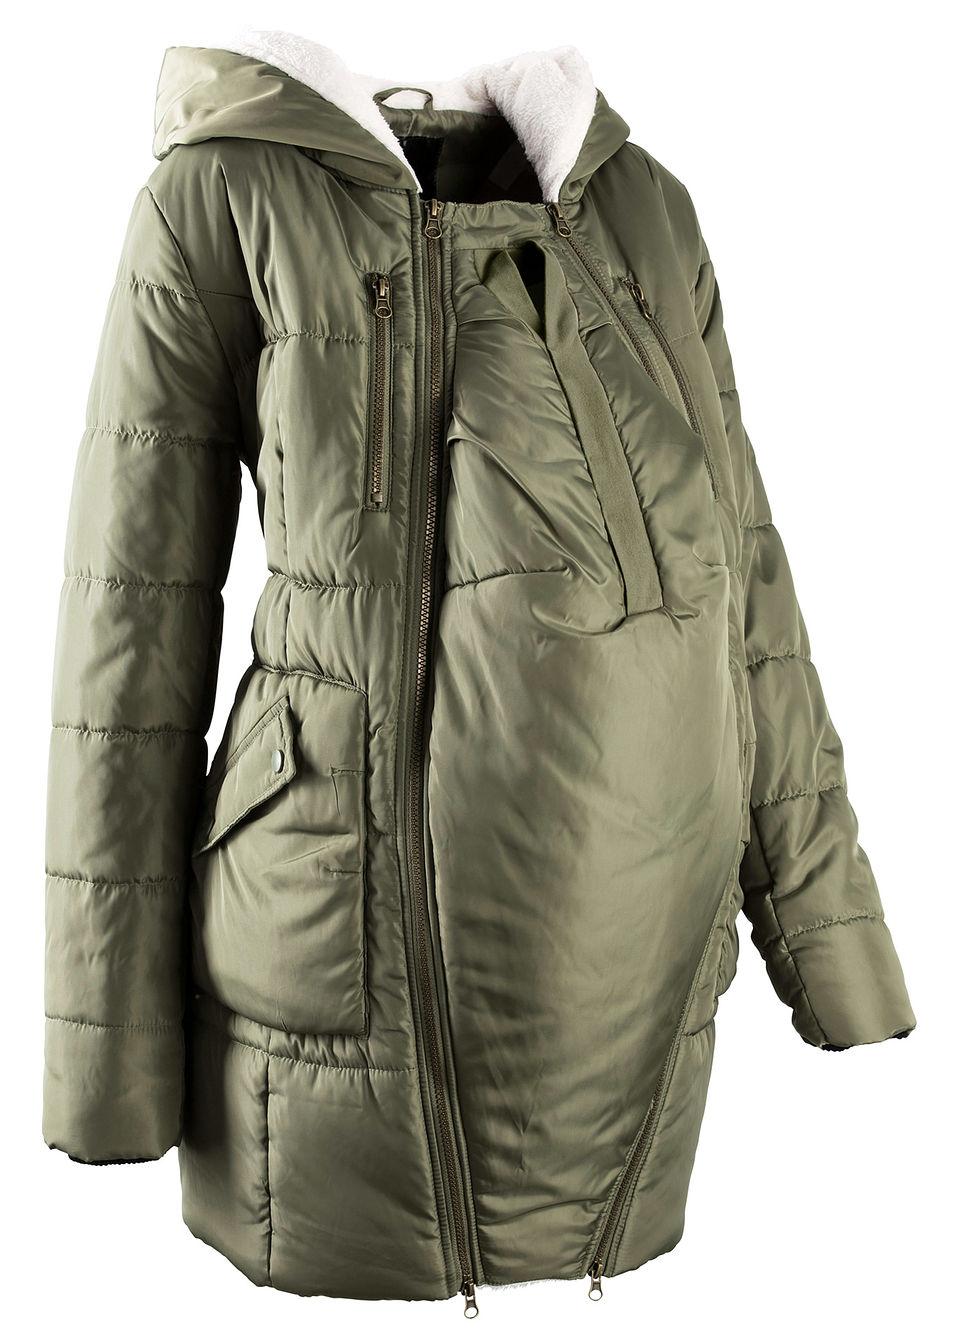 Купить Куртки и плащи, Куртка с подкладкой и карманом-вкладкой для малыша, bonprix, оливковый